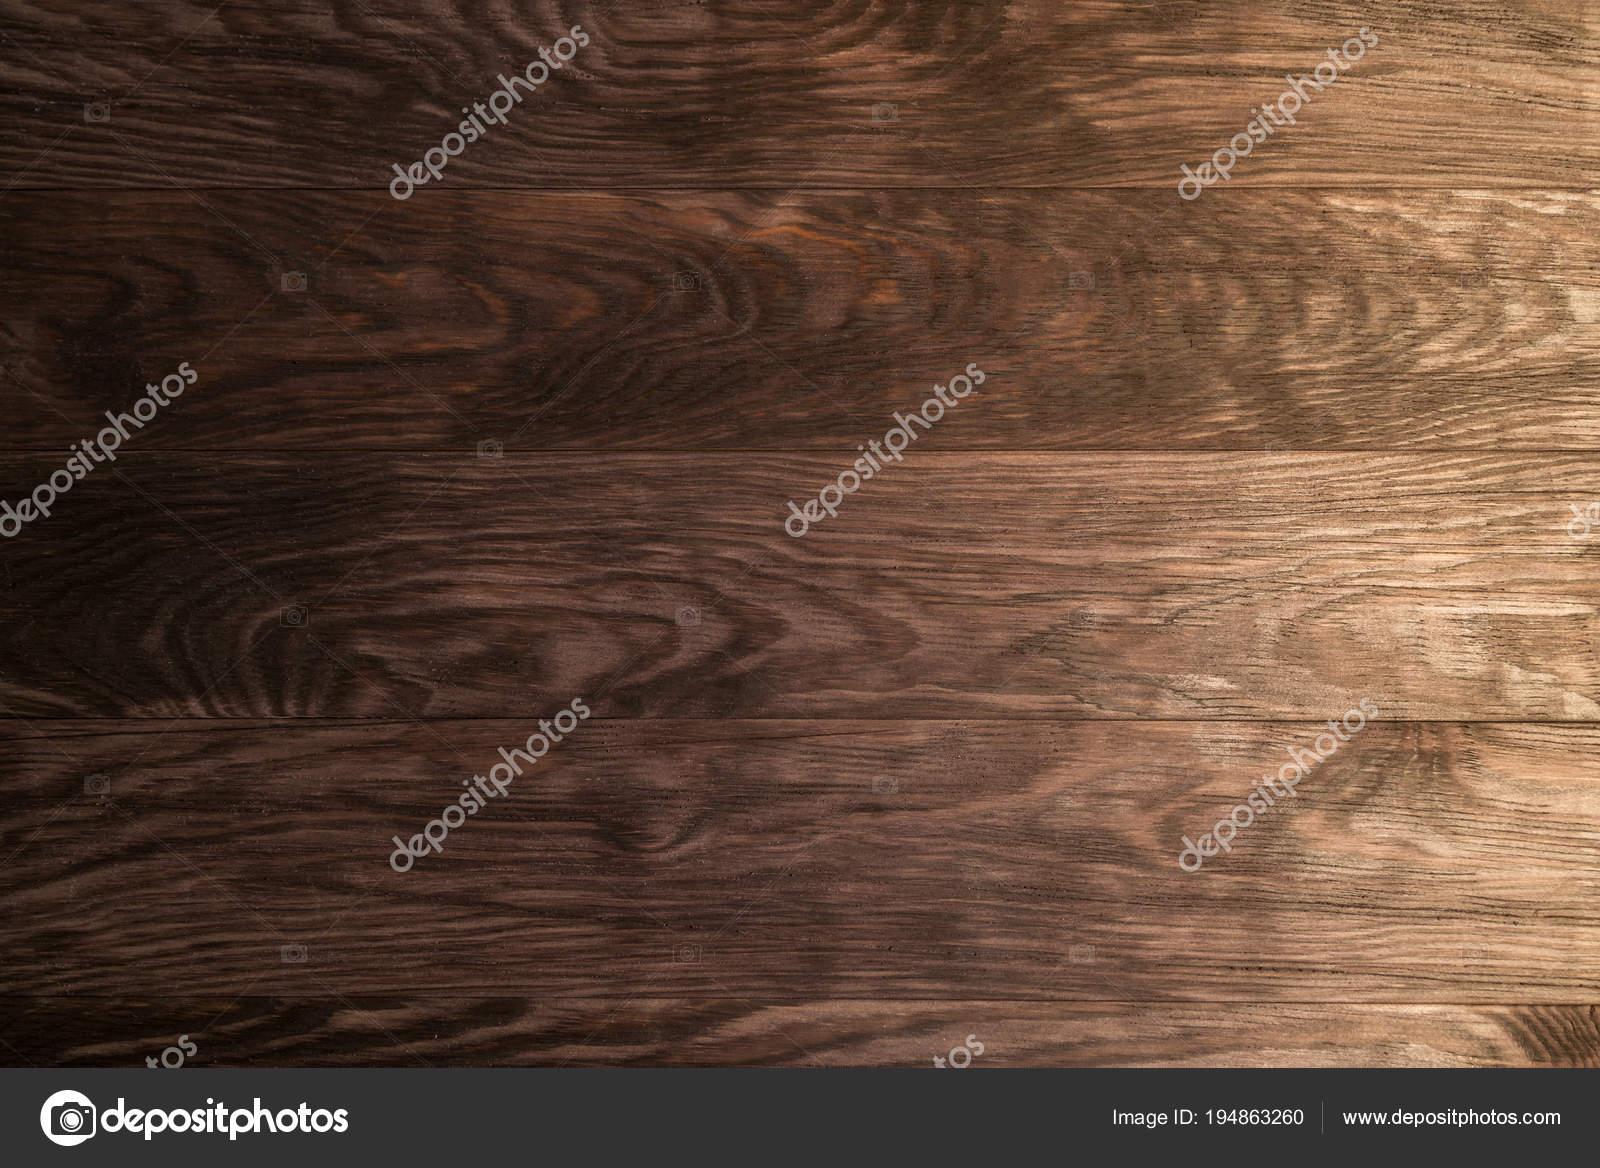 im großen und ganzen frame-braune Holz Hintergrund — Stockfoto ...